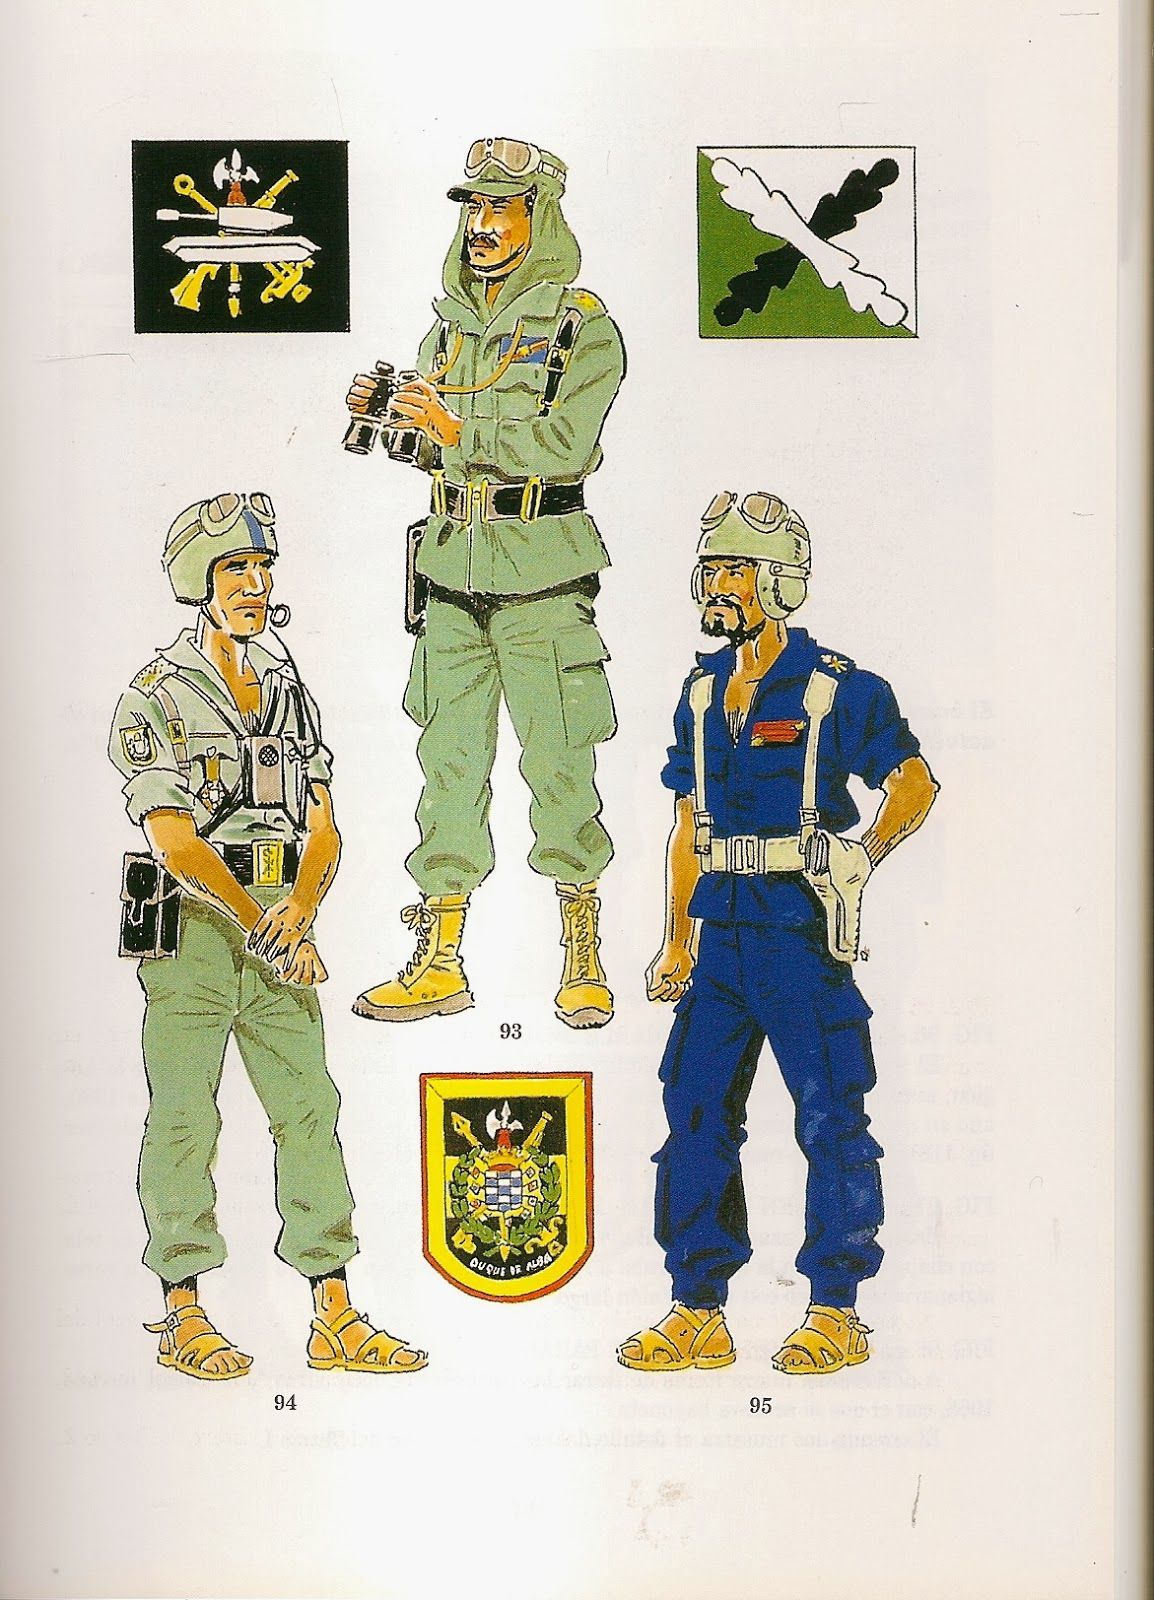 Tercios Saharianos Y Grupos Ligeros 1960 75 93 Comandante En Uniforme De Campaña Y Maniobras 94 Leg La Legion Española Uniformes Militares Tercios Españoles